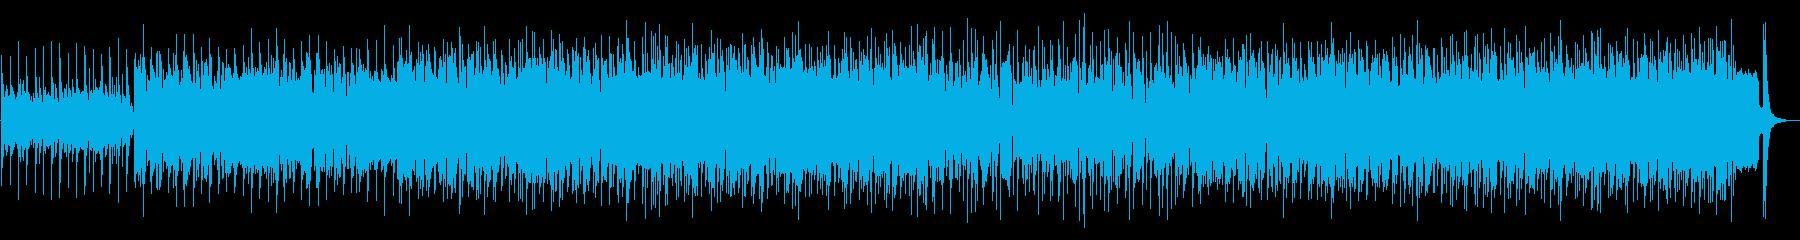 ケルト音楽/ノリが良くかっこいい系の曲の再生済みの波形